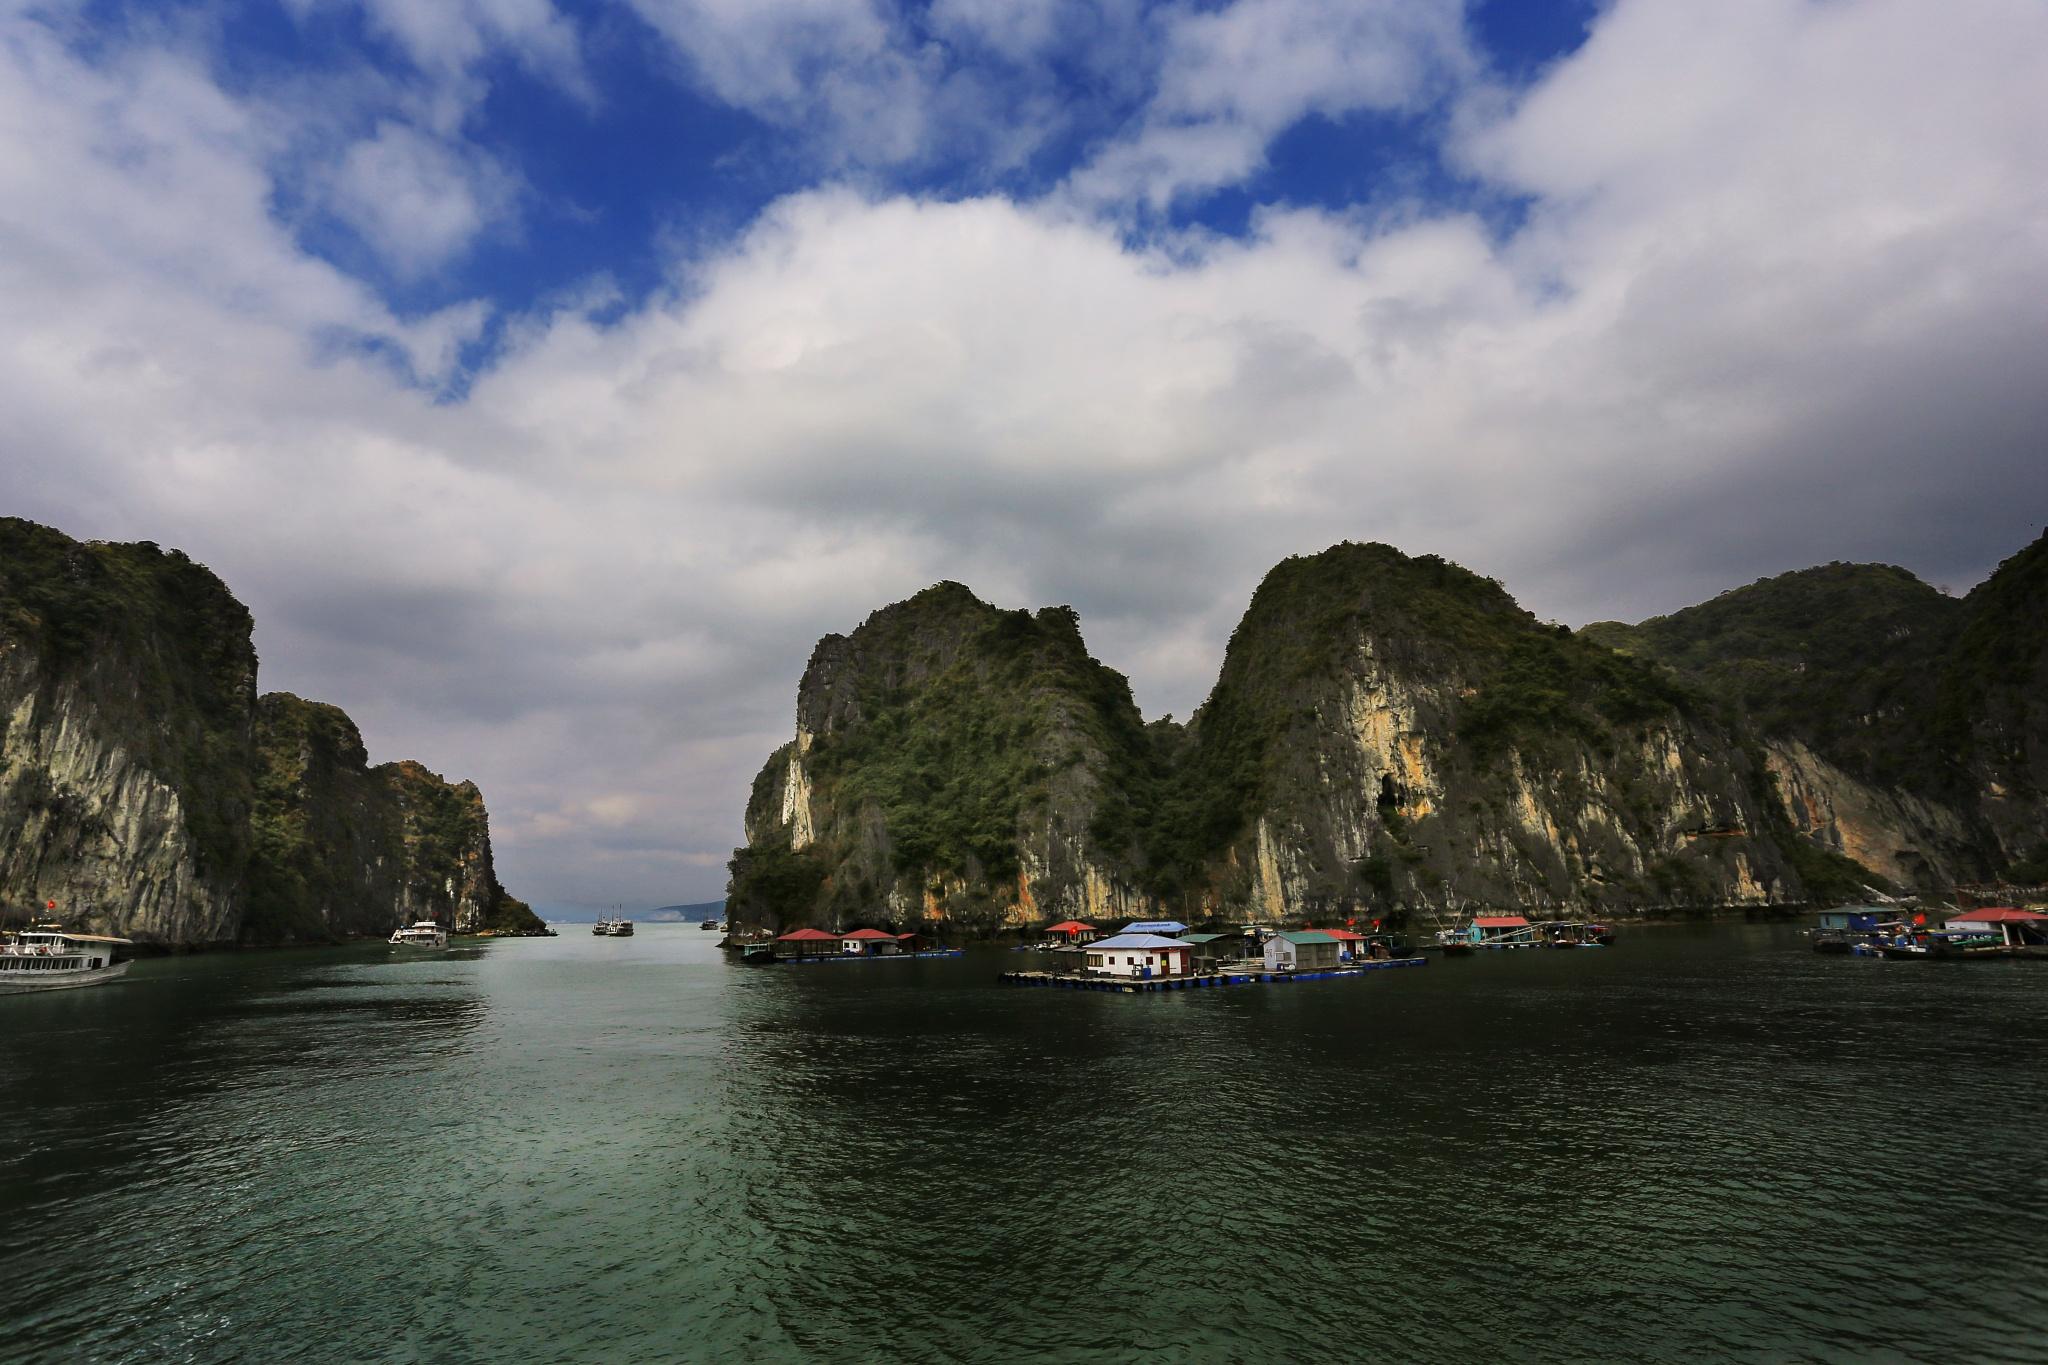 Southern Vietnam by Adjie djie